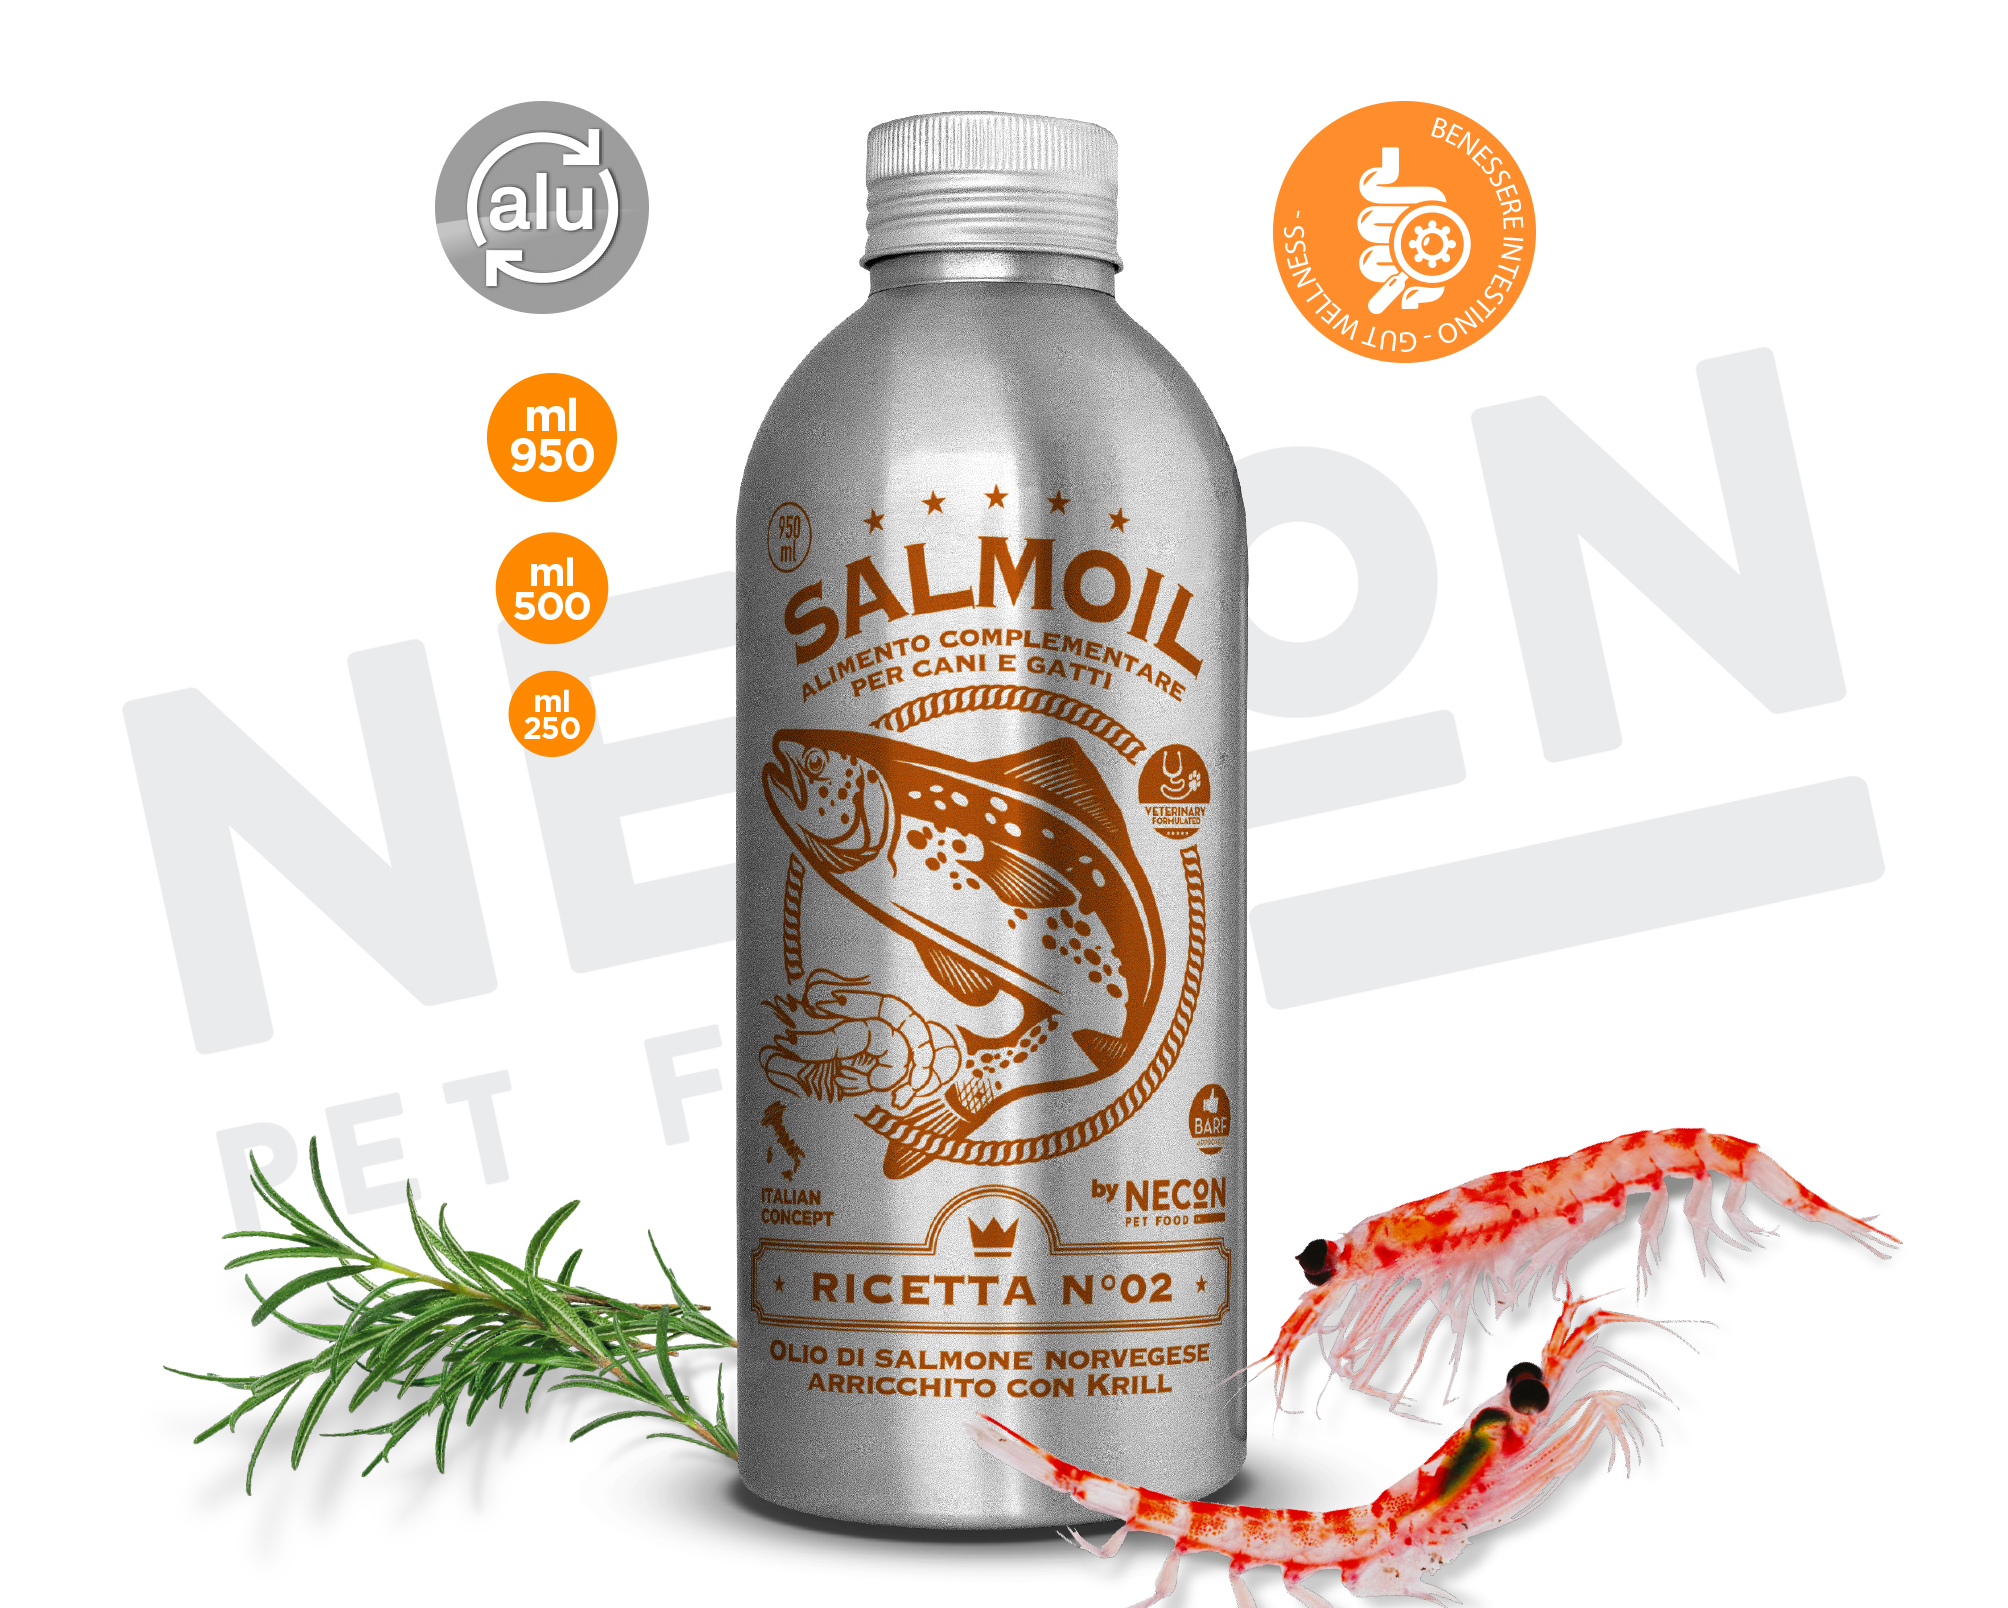 SALMOIL RICETTA n° 2 OLIO DI SALMONE  con krill